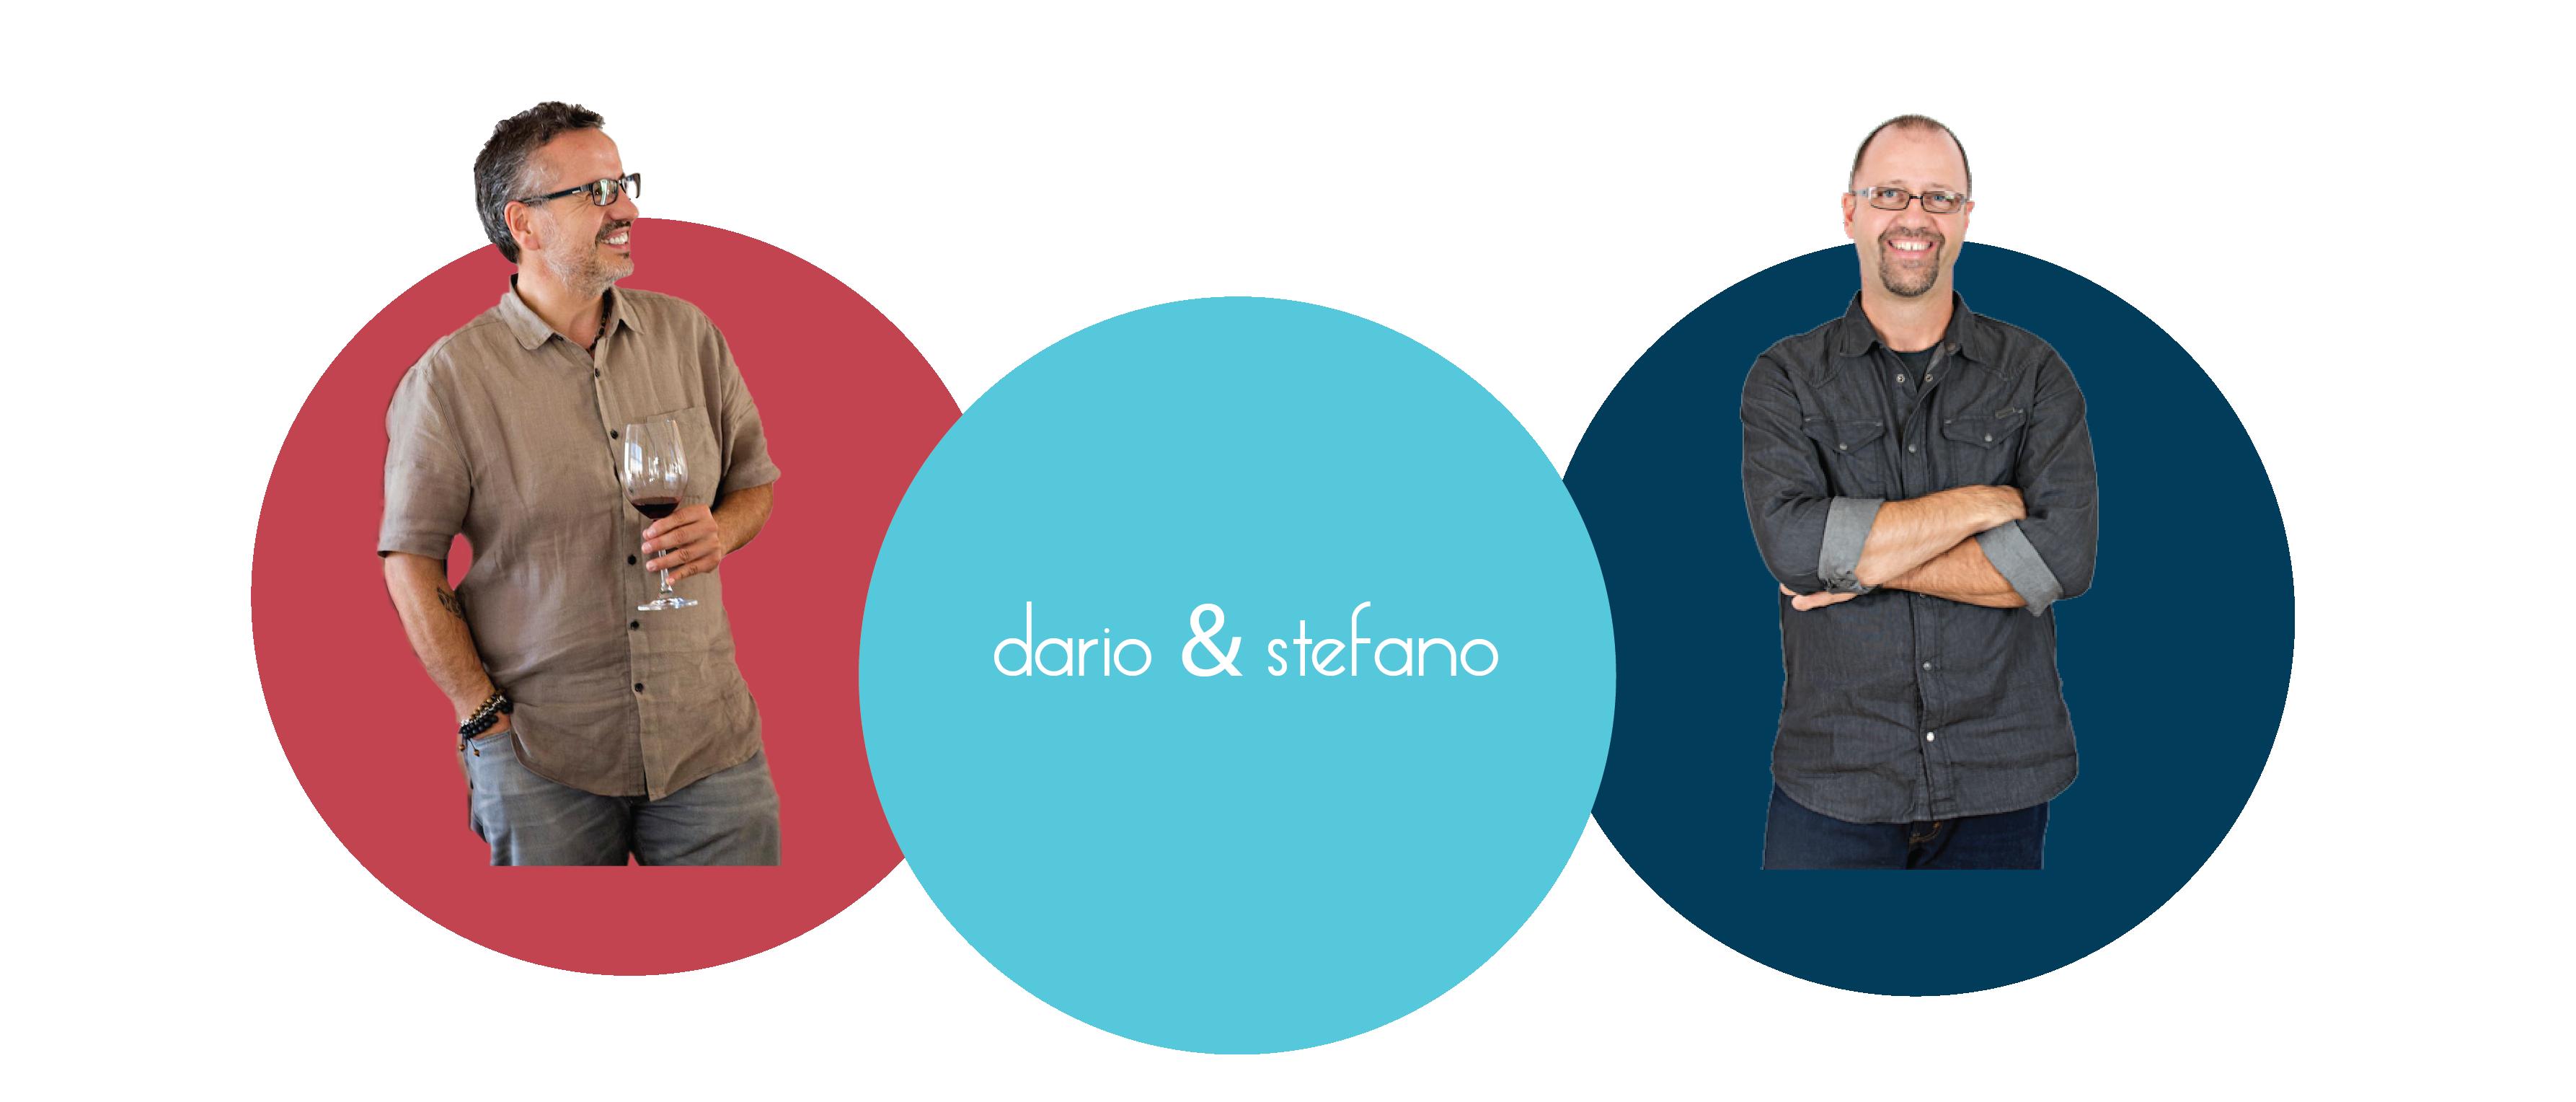 Big Sipper Winemakers Dario di Conti and Stefano Migotto